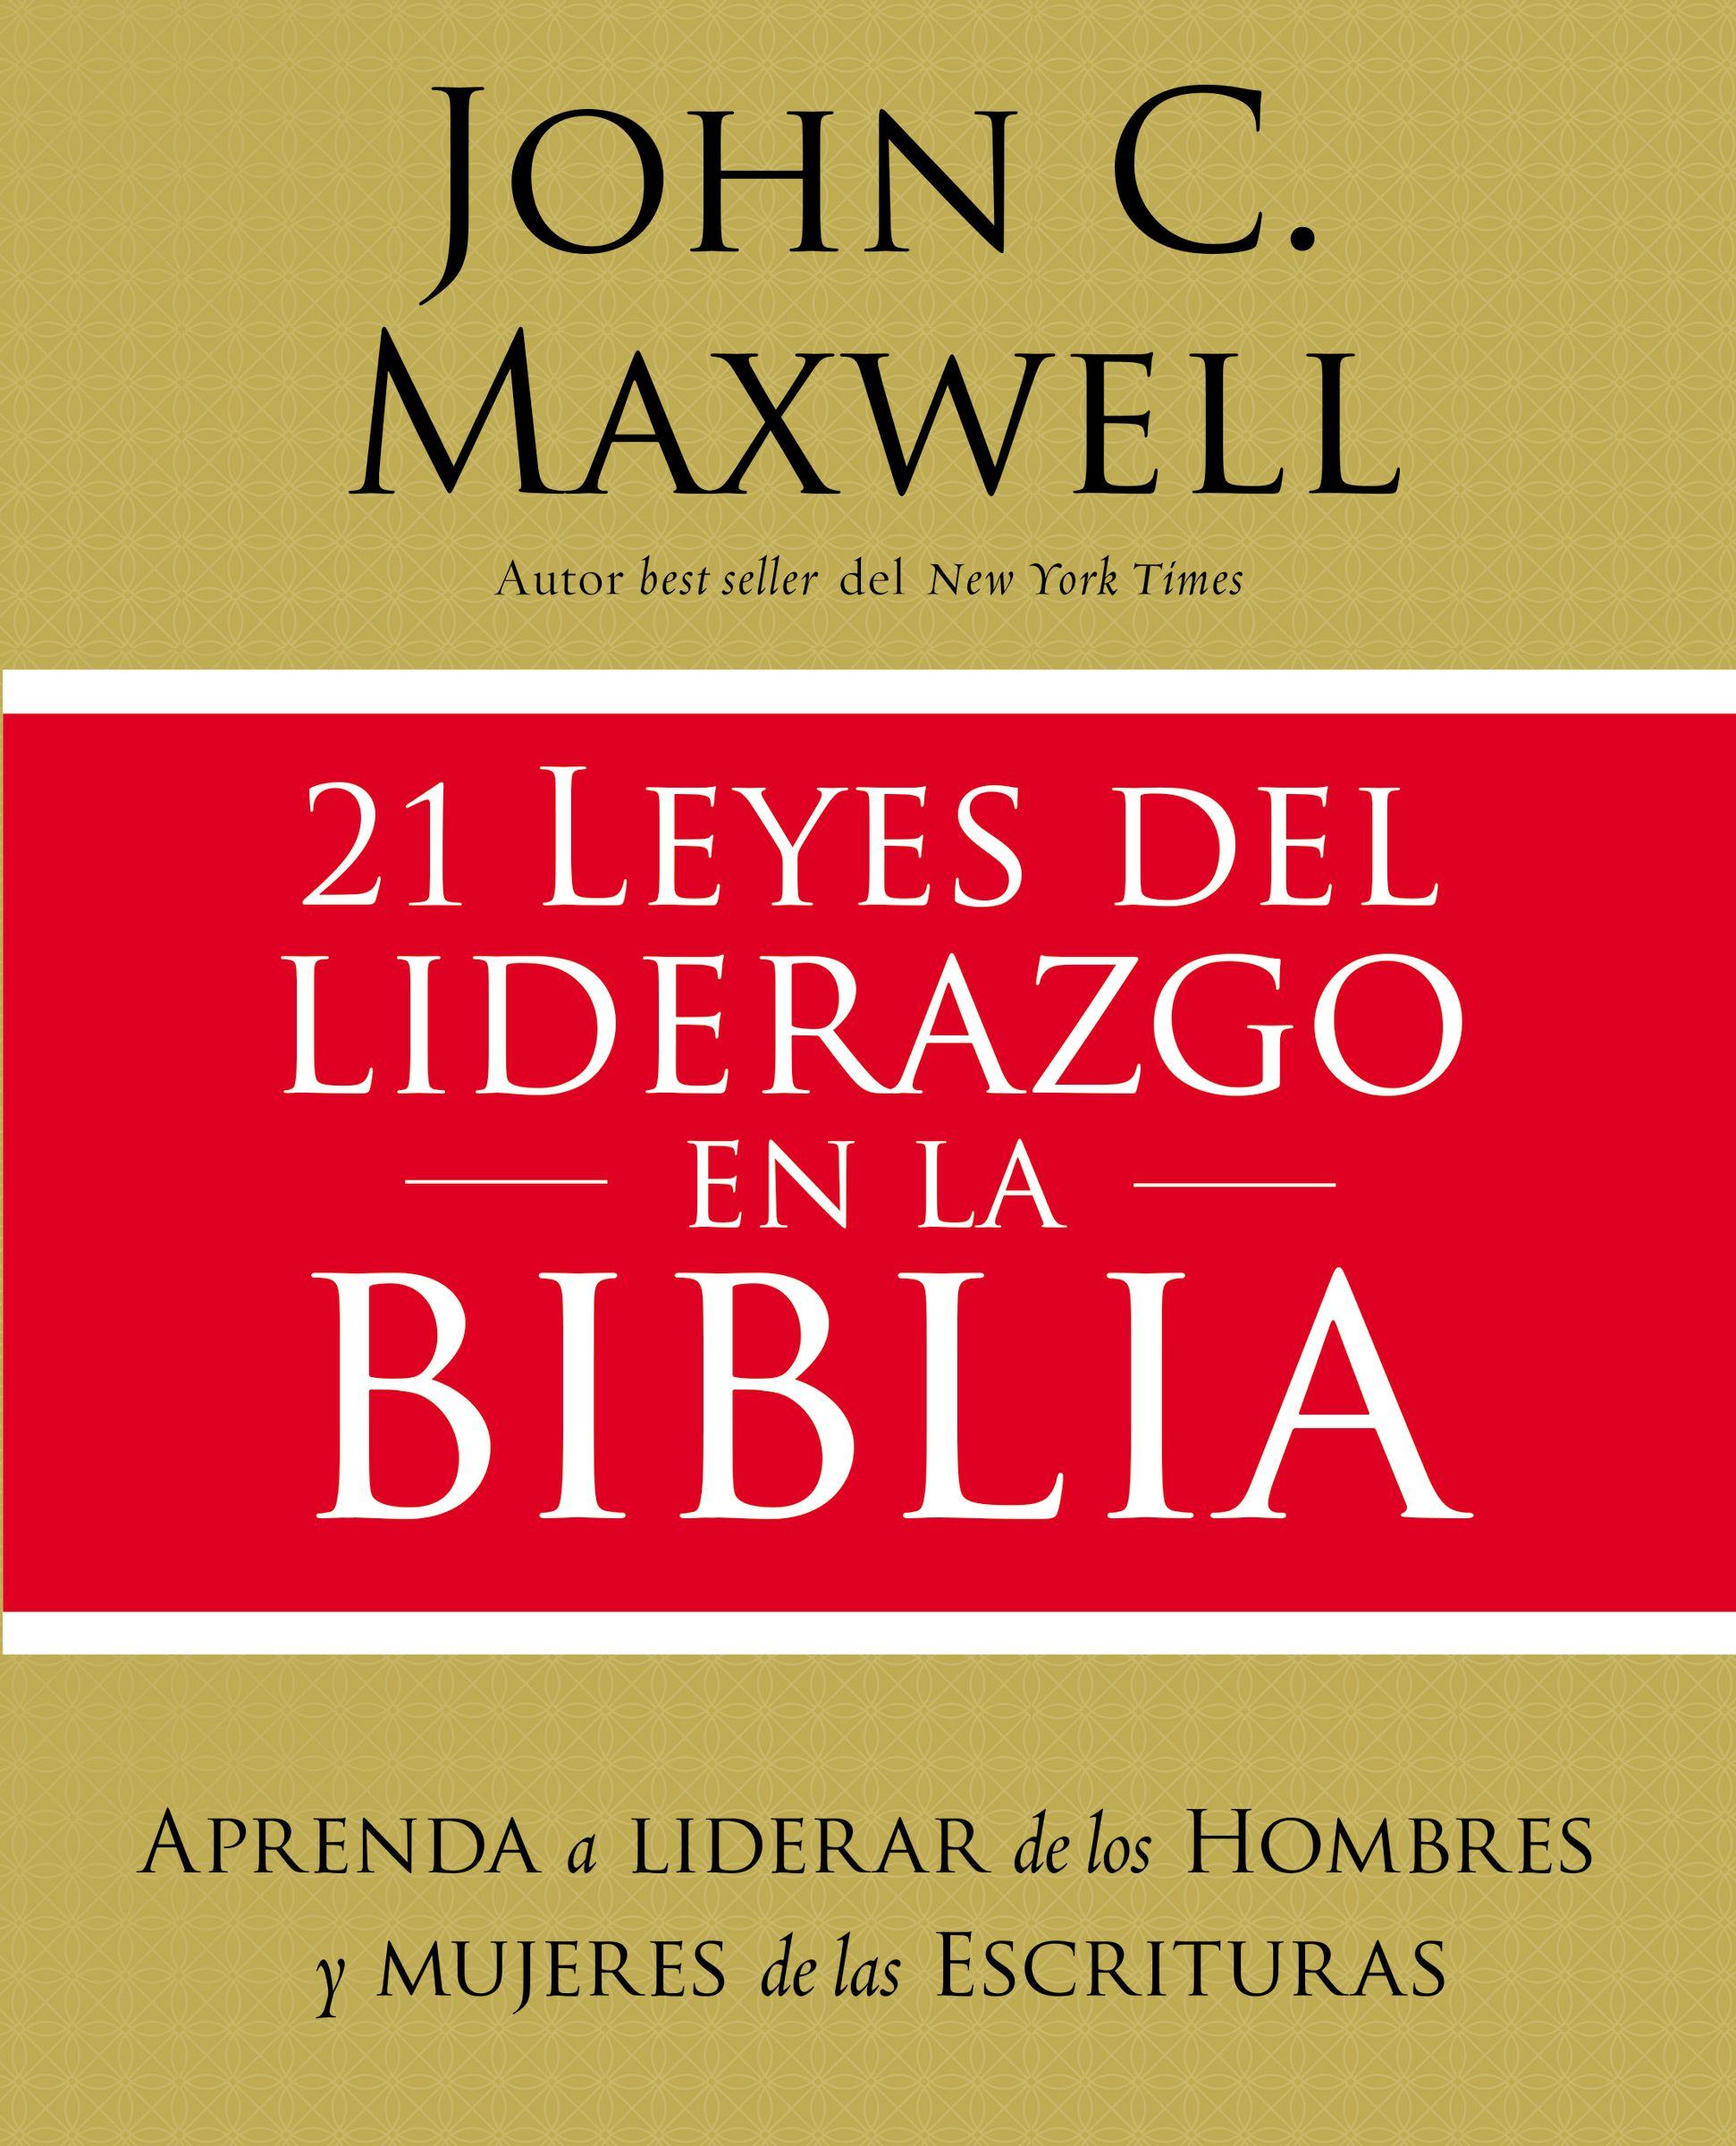 21 leyes del liderazgo en la Biblia